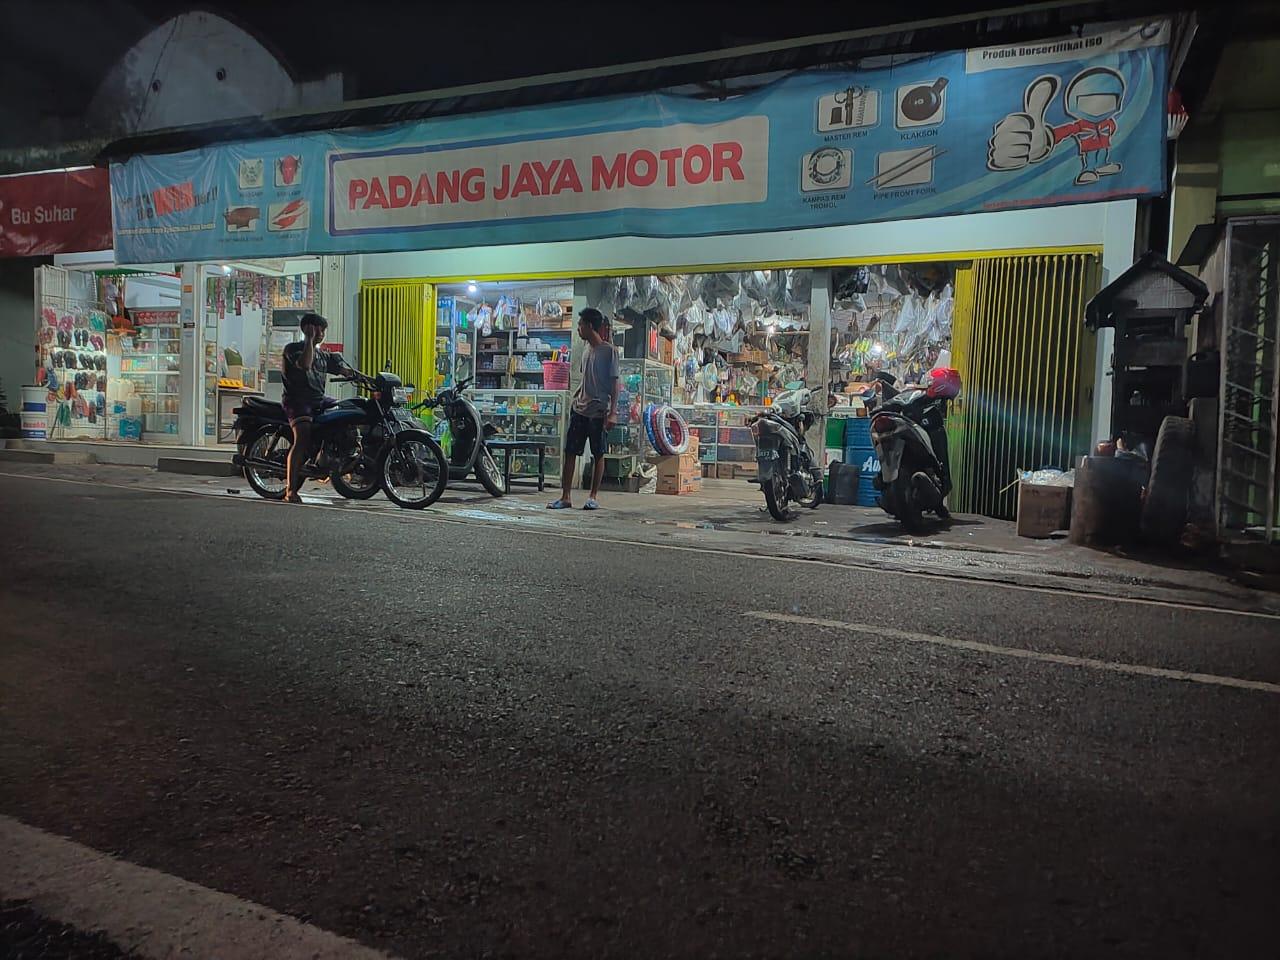 Toko Bengkel Padang Jaya Motor Padang Lumajang Ramai Pembeli